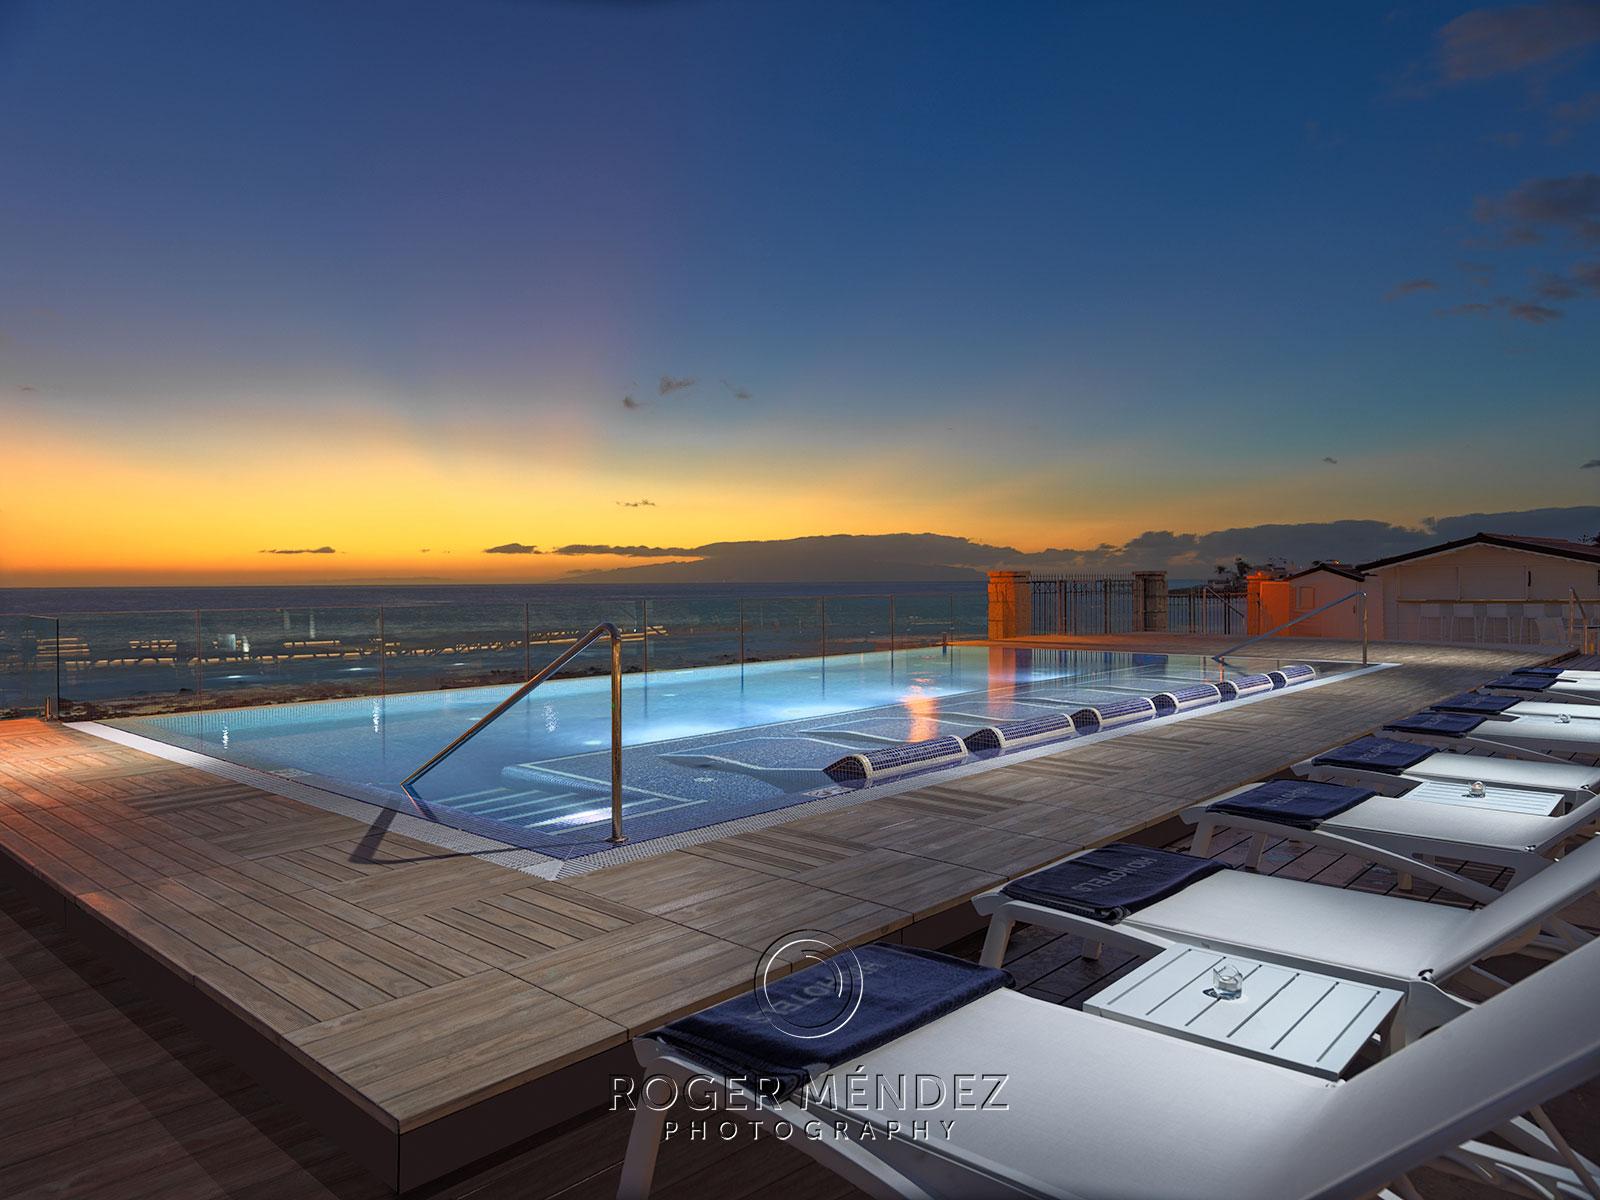 H10 Costa Adeje Palace puesta de sol en infinity poo